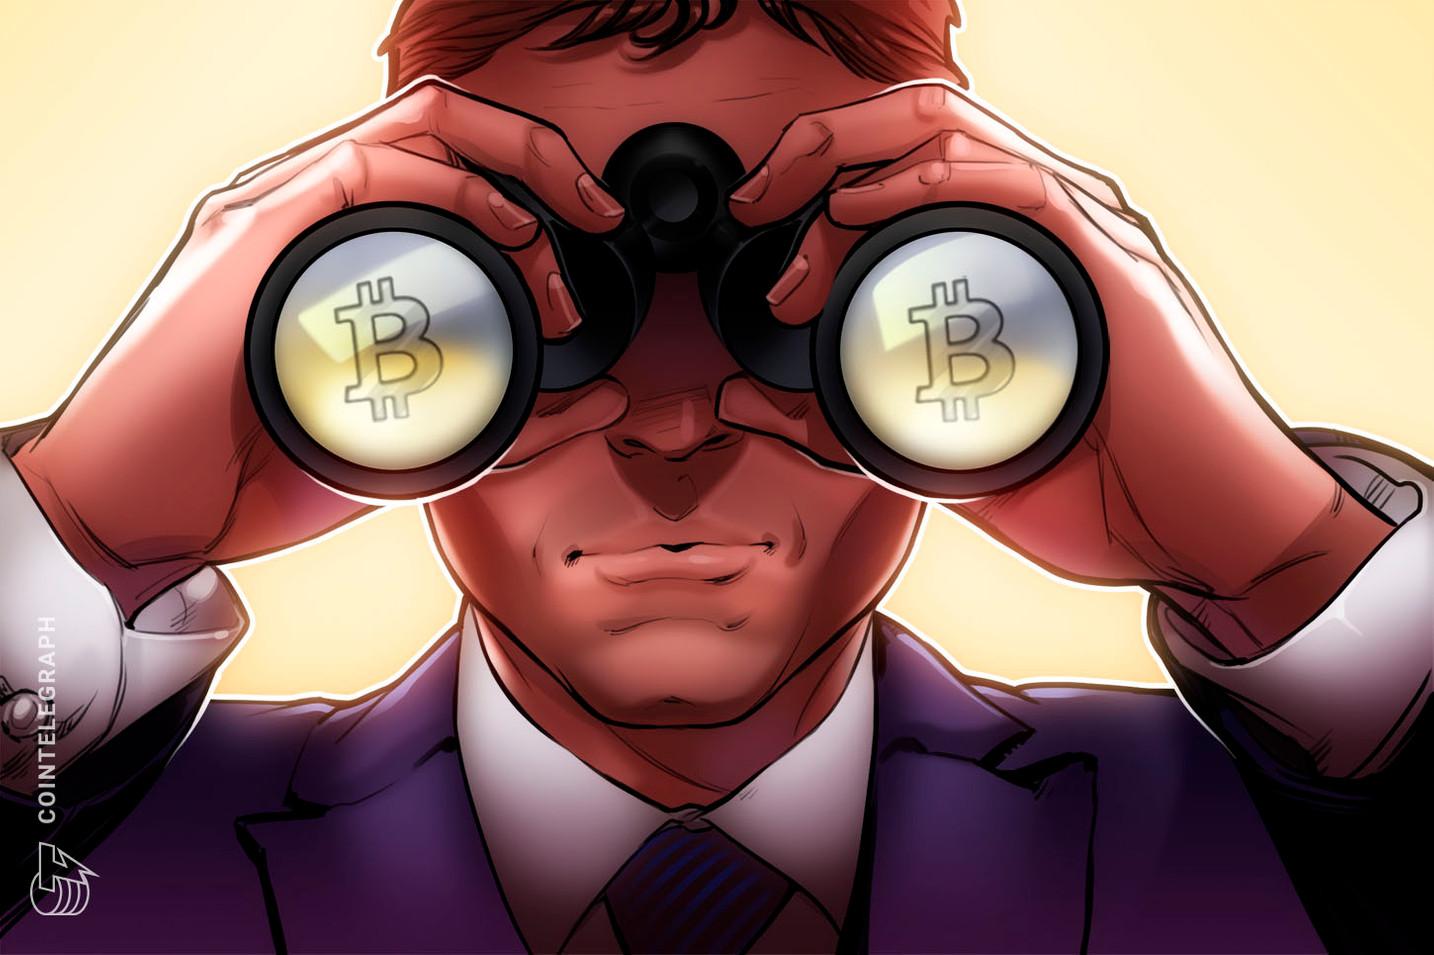 Bitcoin prallt von 31 $ ab, nachdem die Bank of America Berichten zufolge grünes Licht für den Handel mit BTC-Futures gegeben hat